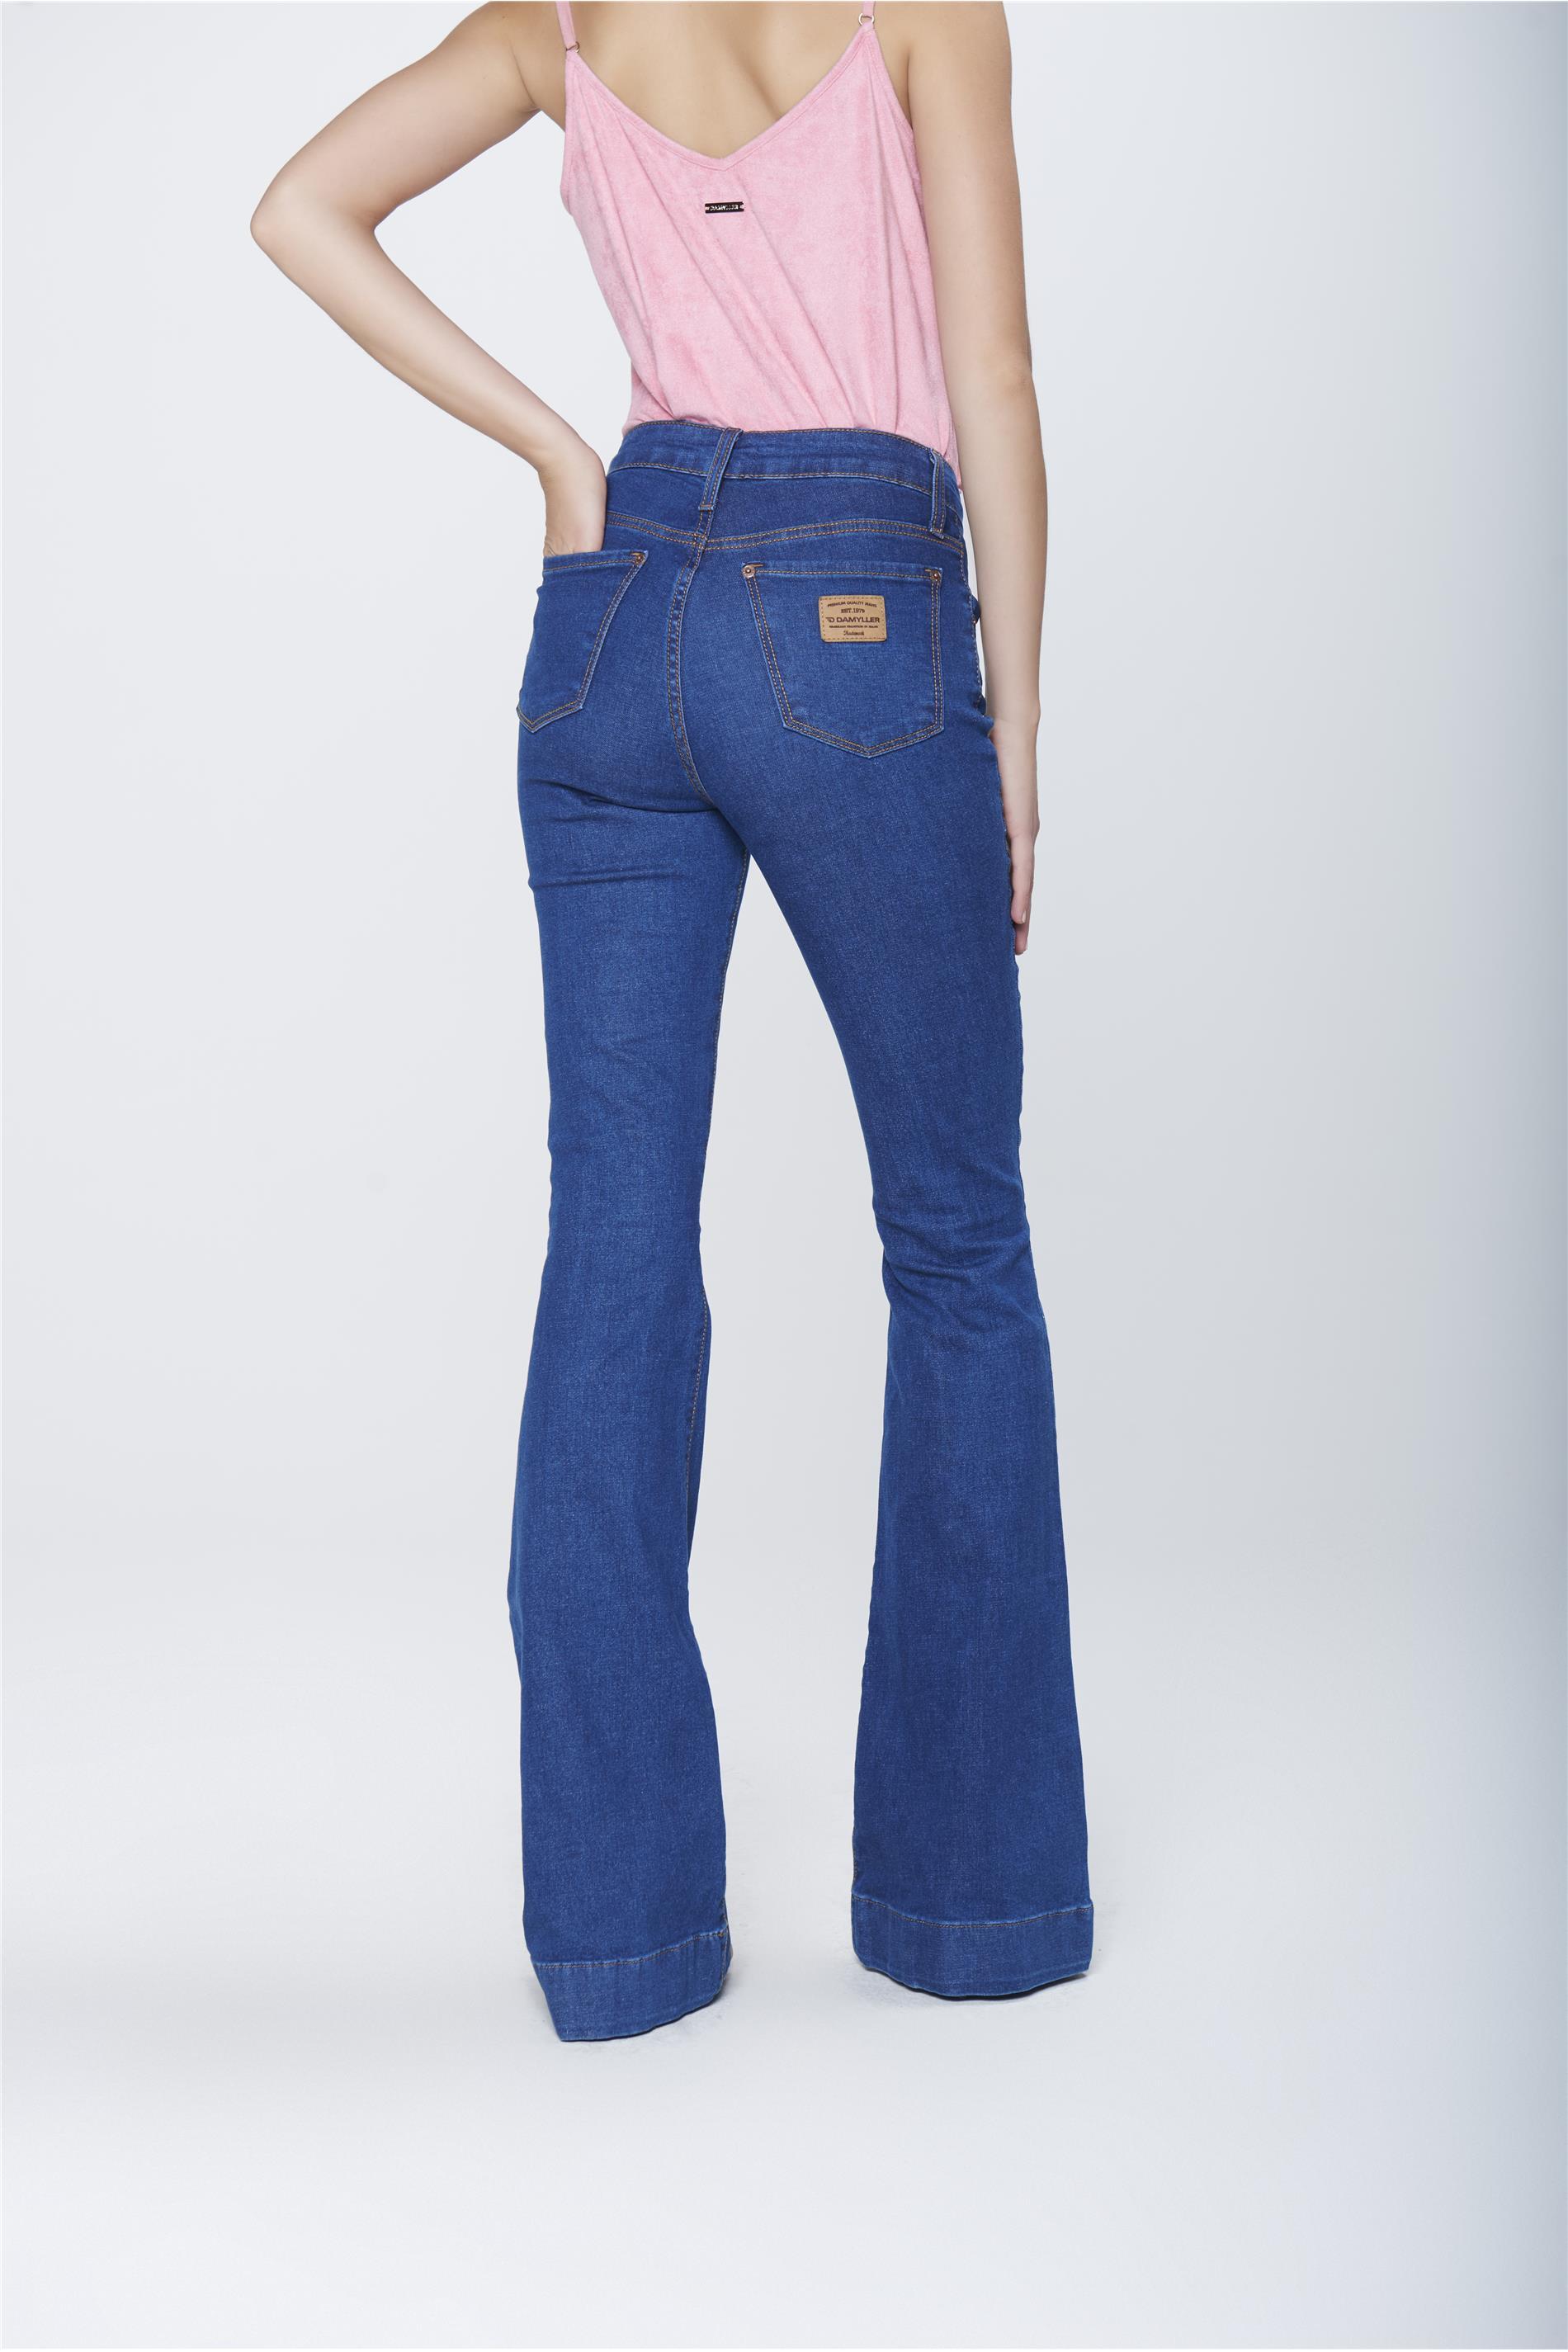 aa09235ce Calça Flare Jeans Cintura Alta Feminina - Damyller